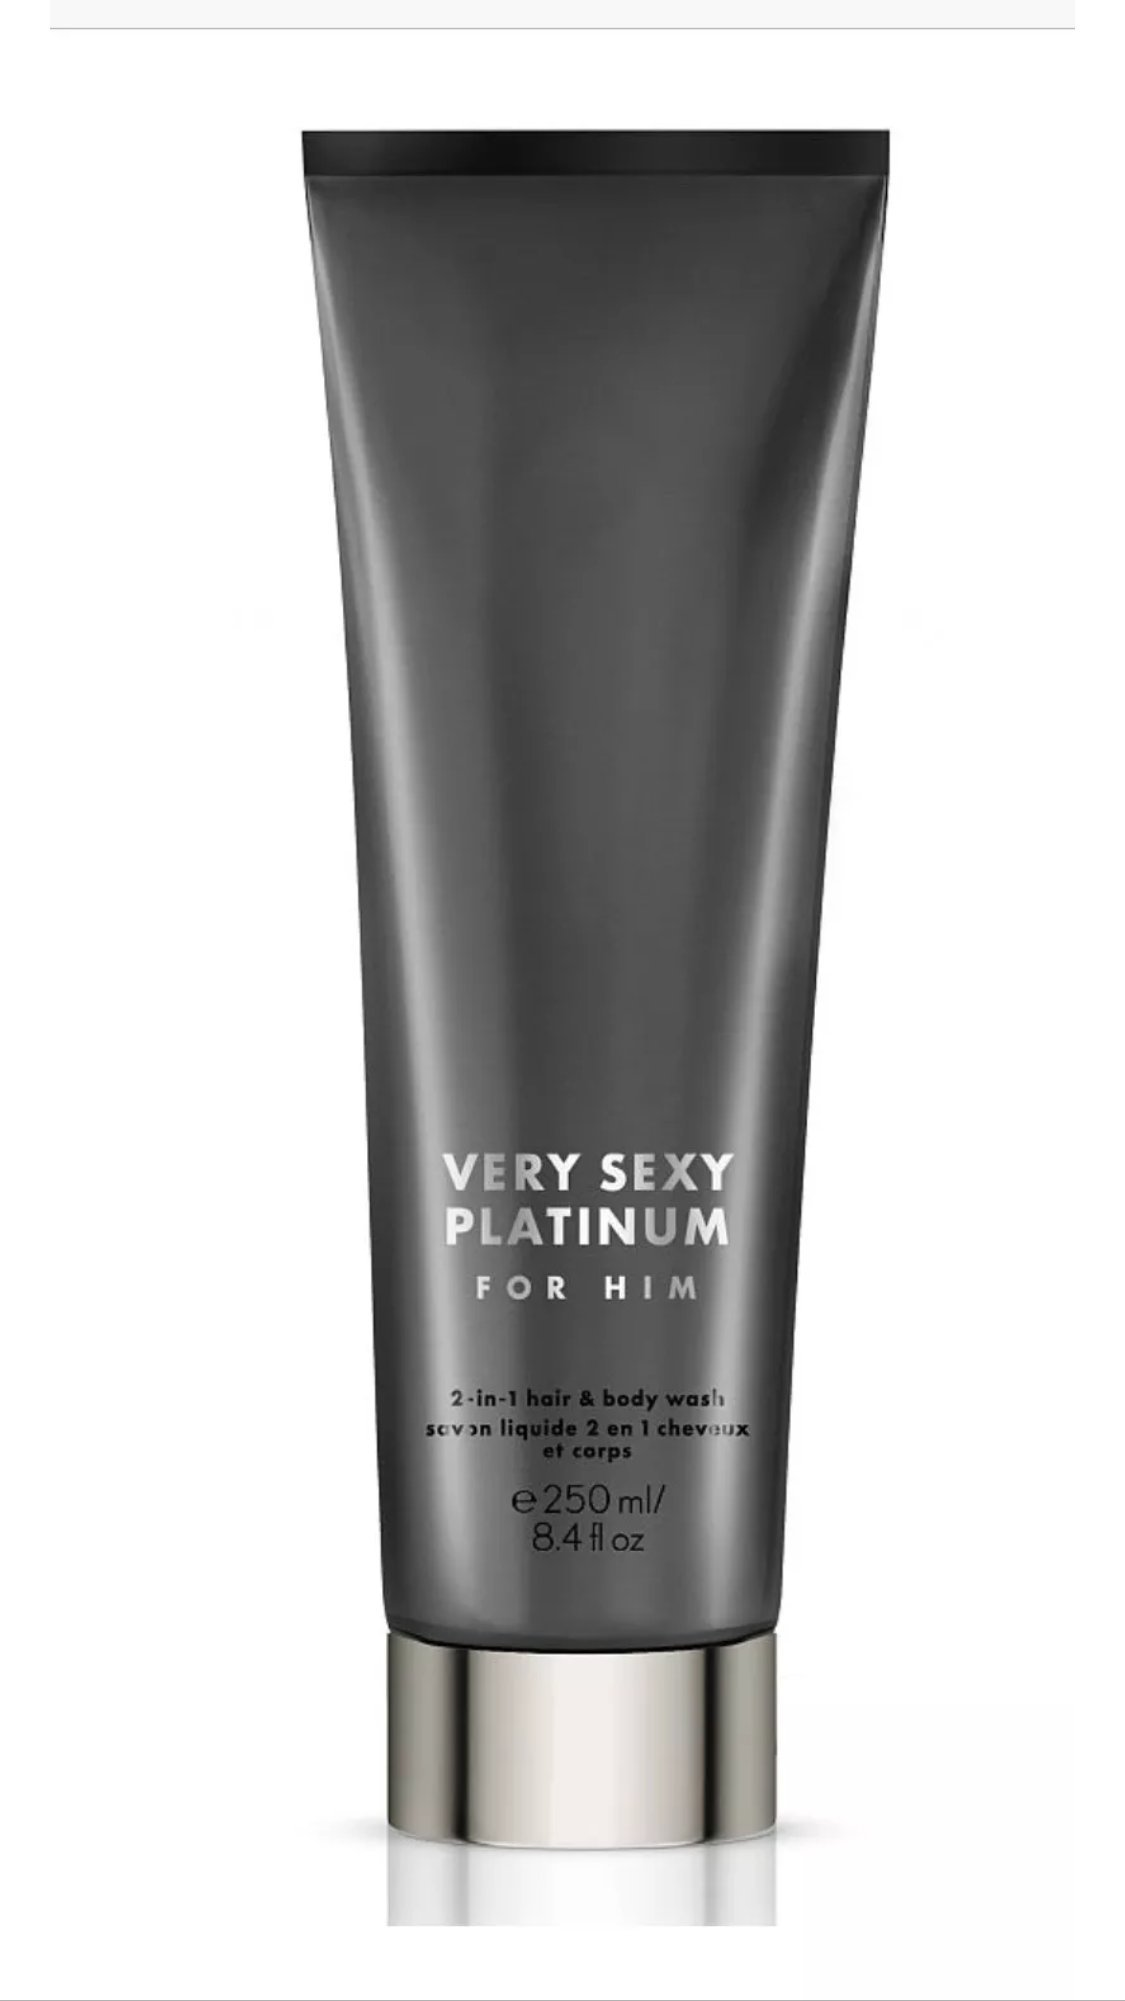 Very sexy cologne spray